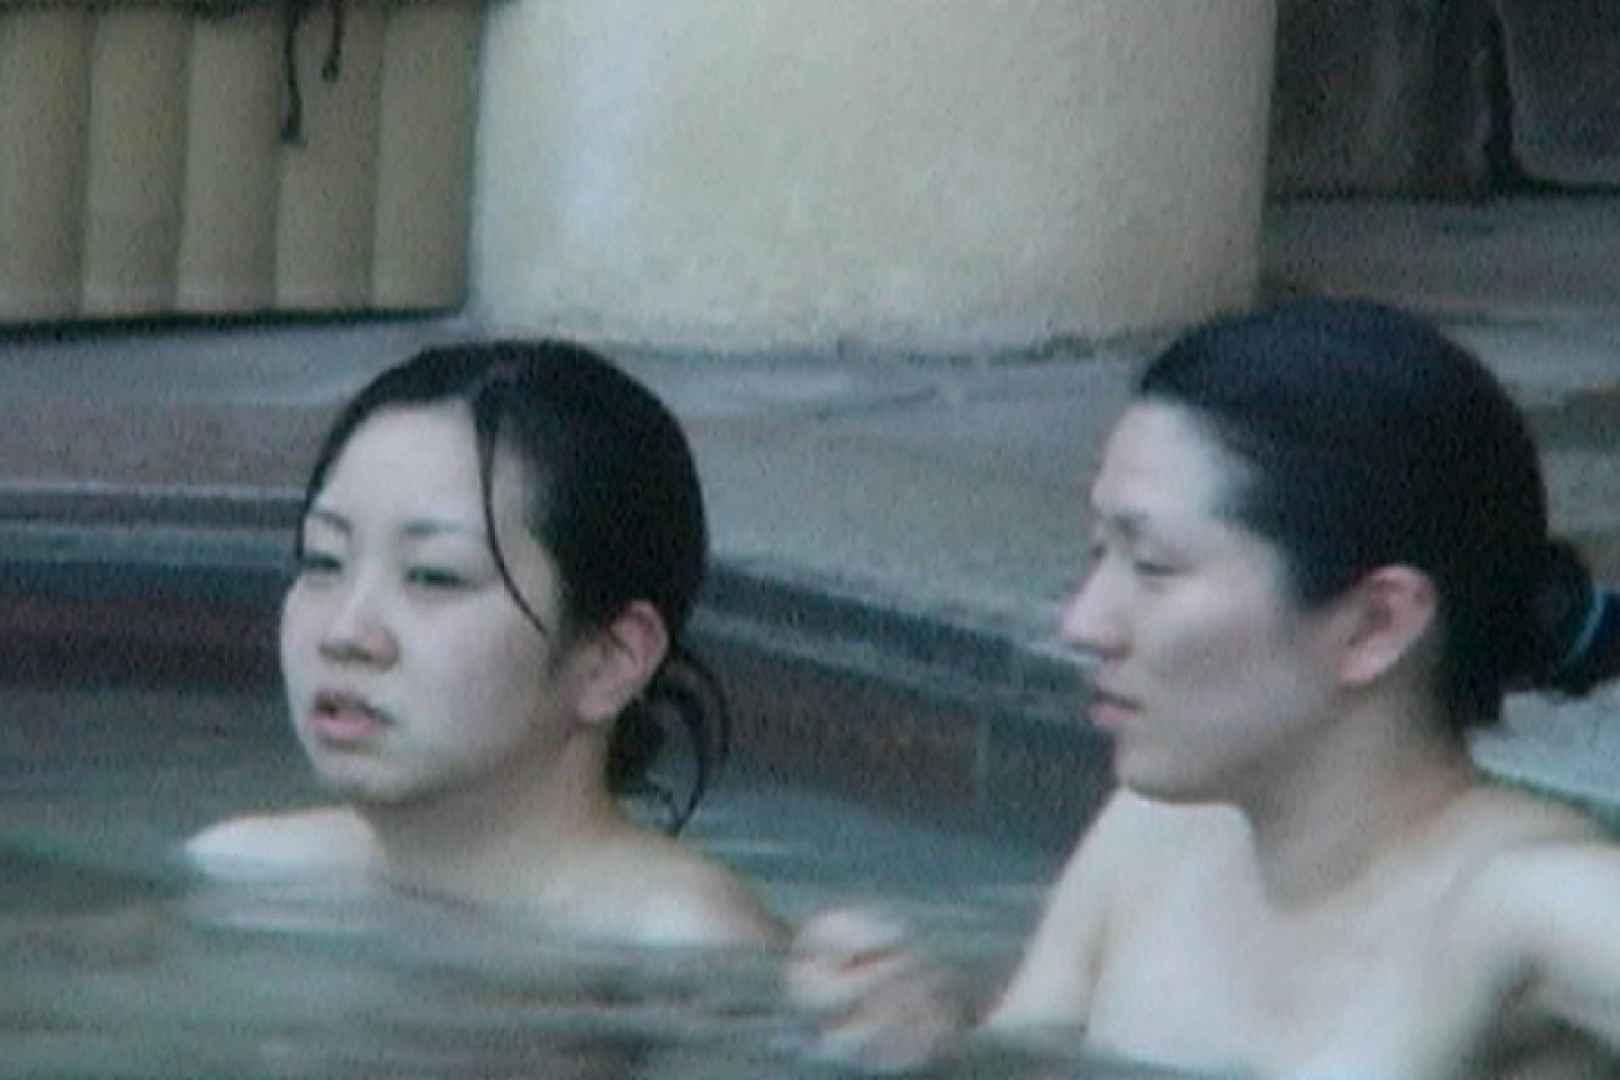 Aquaな露天風呂Vol.598 盗撮シリーズ  96PIX 34